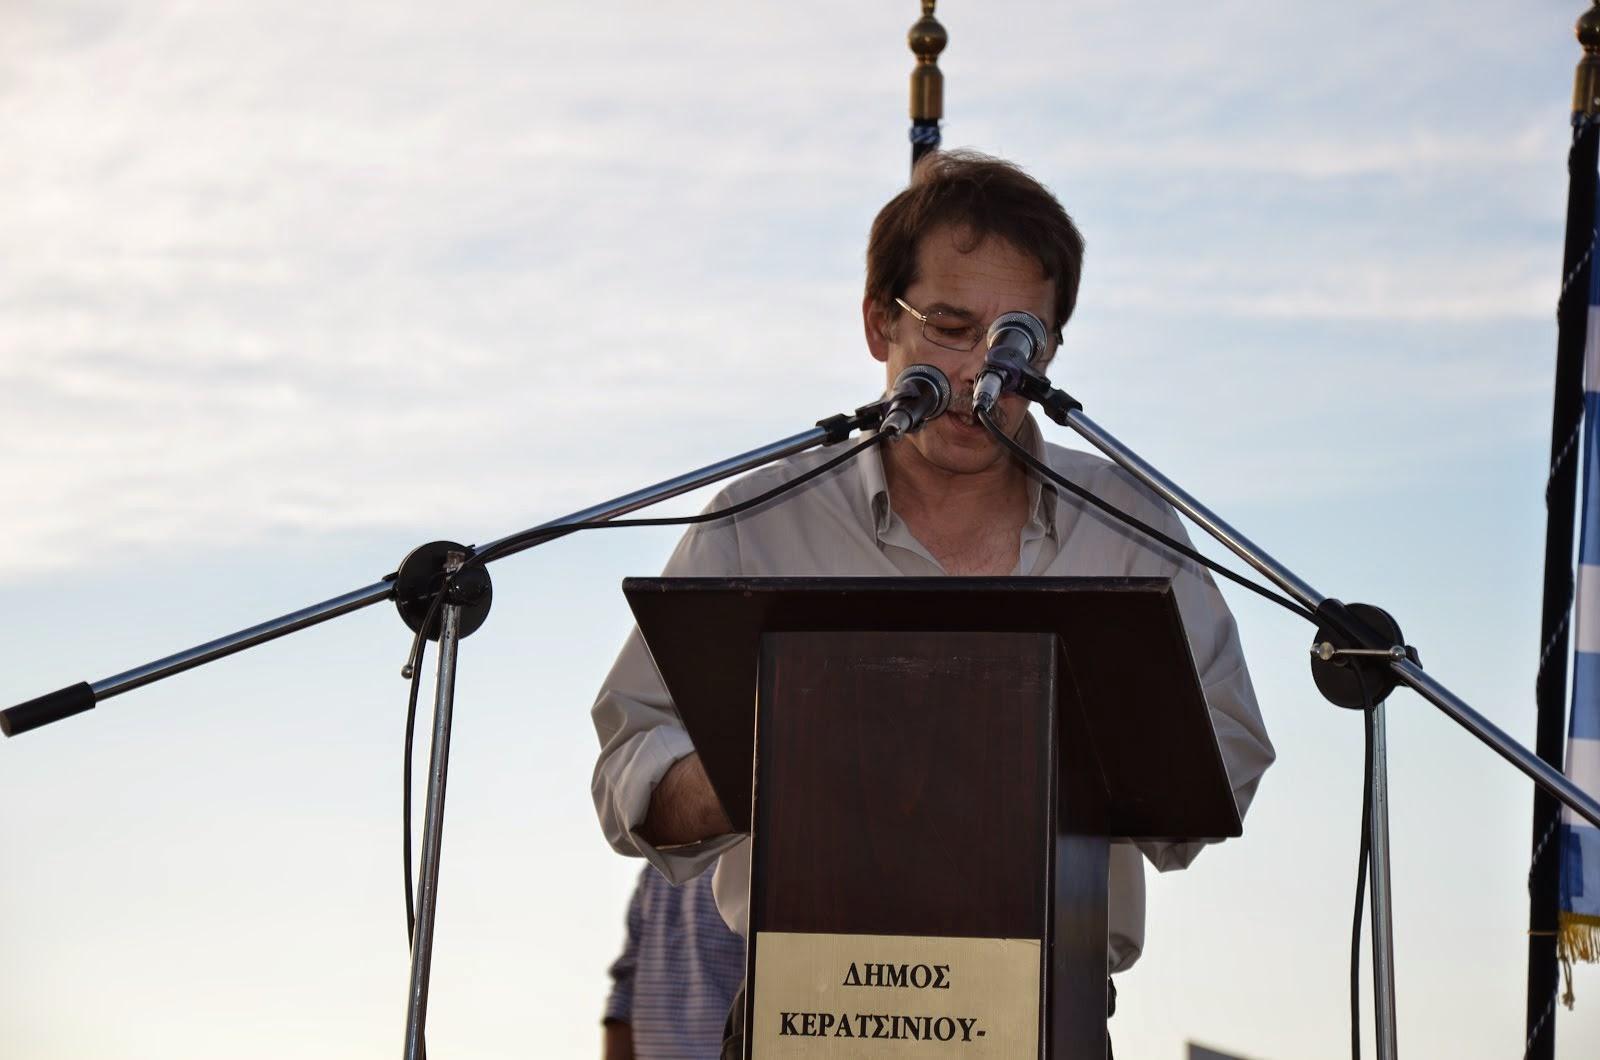 Βίντεο ομιλίας Δημάρχου Χρήστου Βρεττάκου